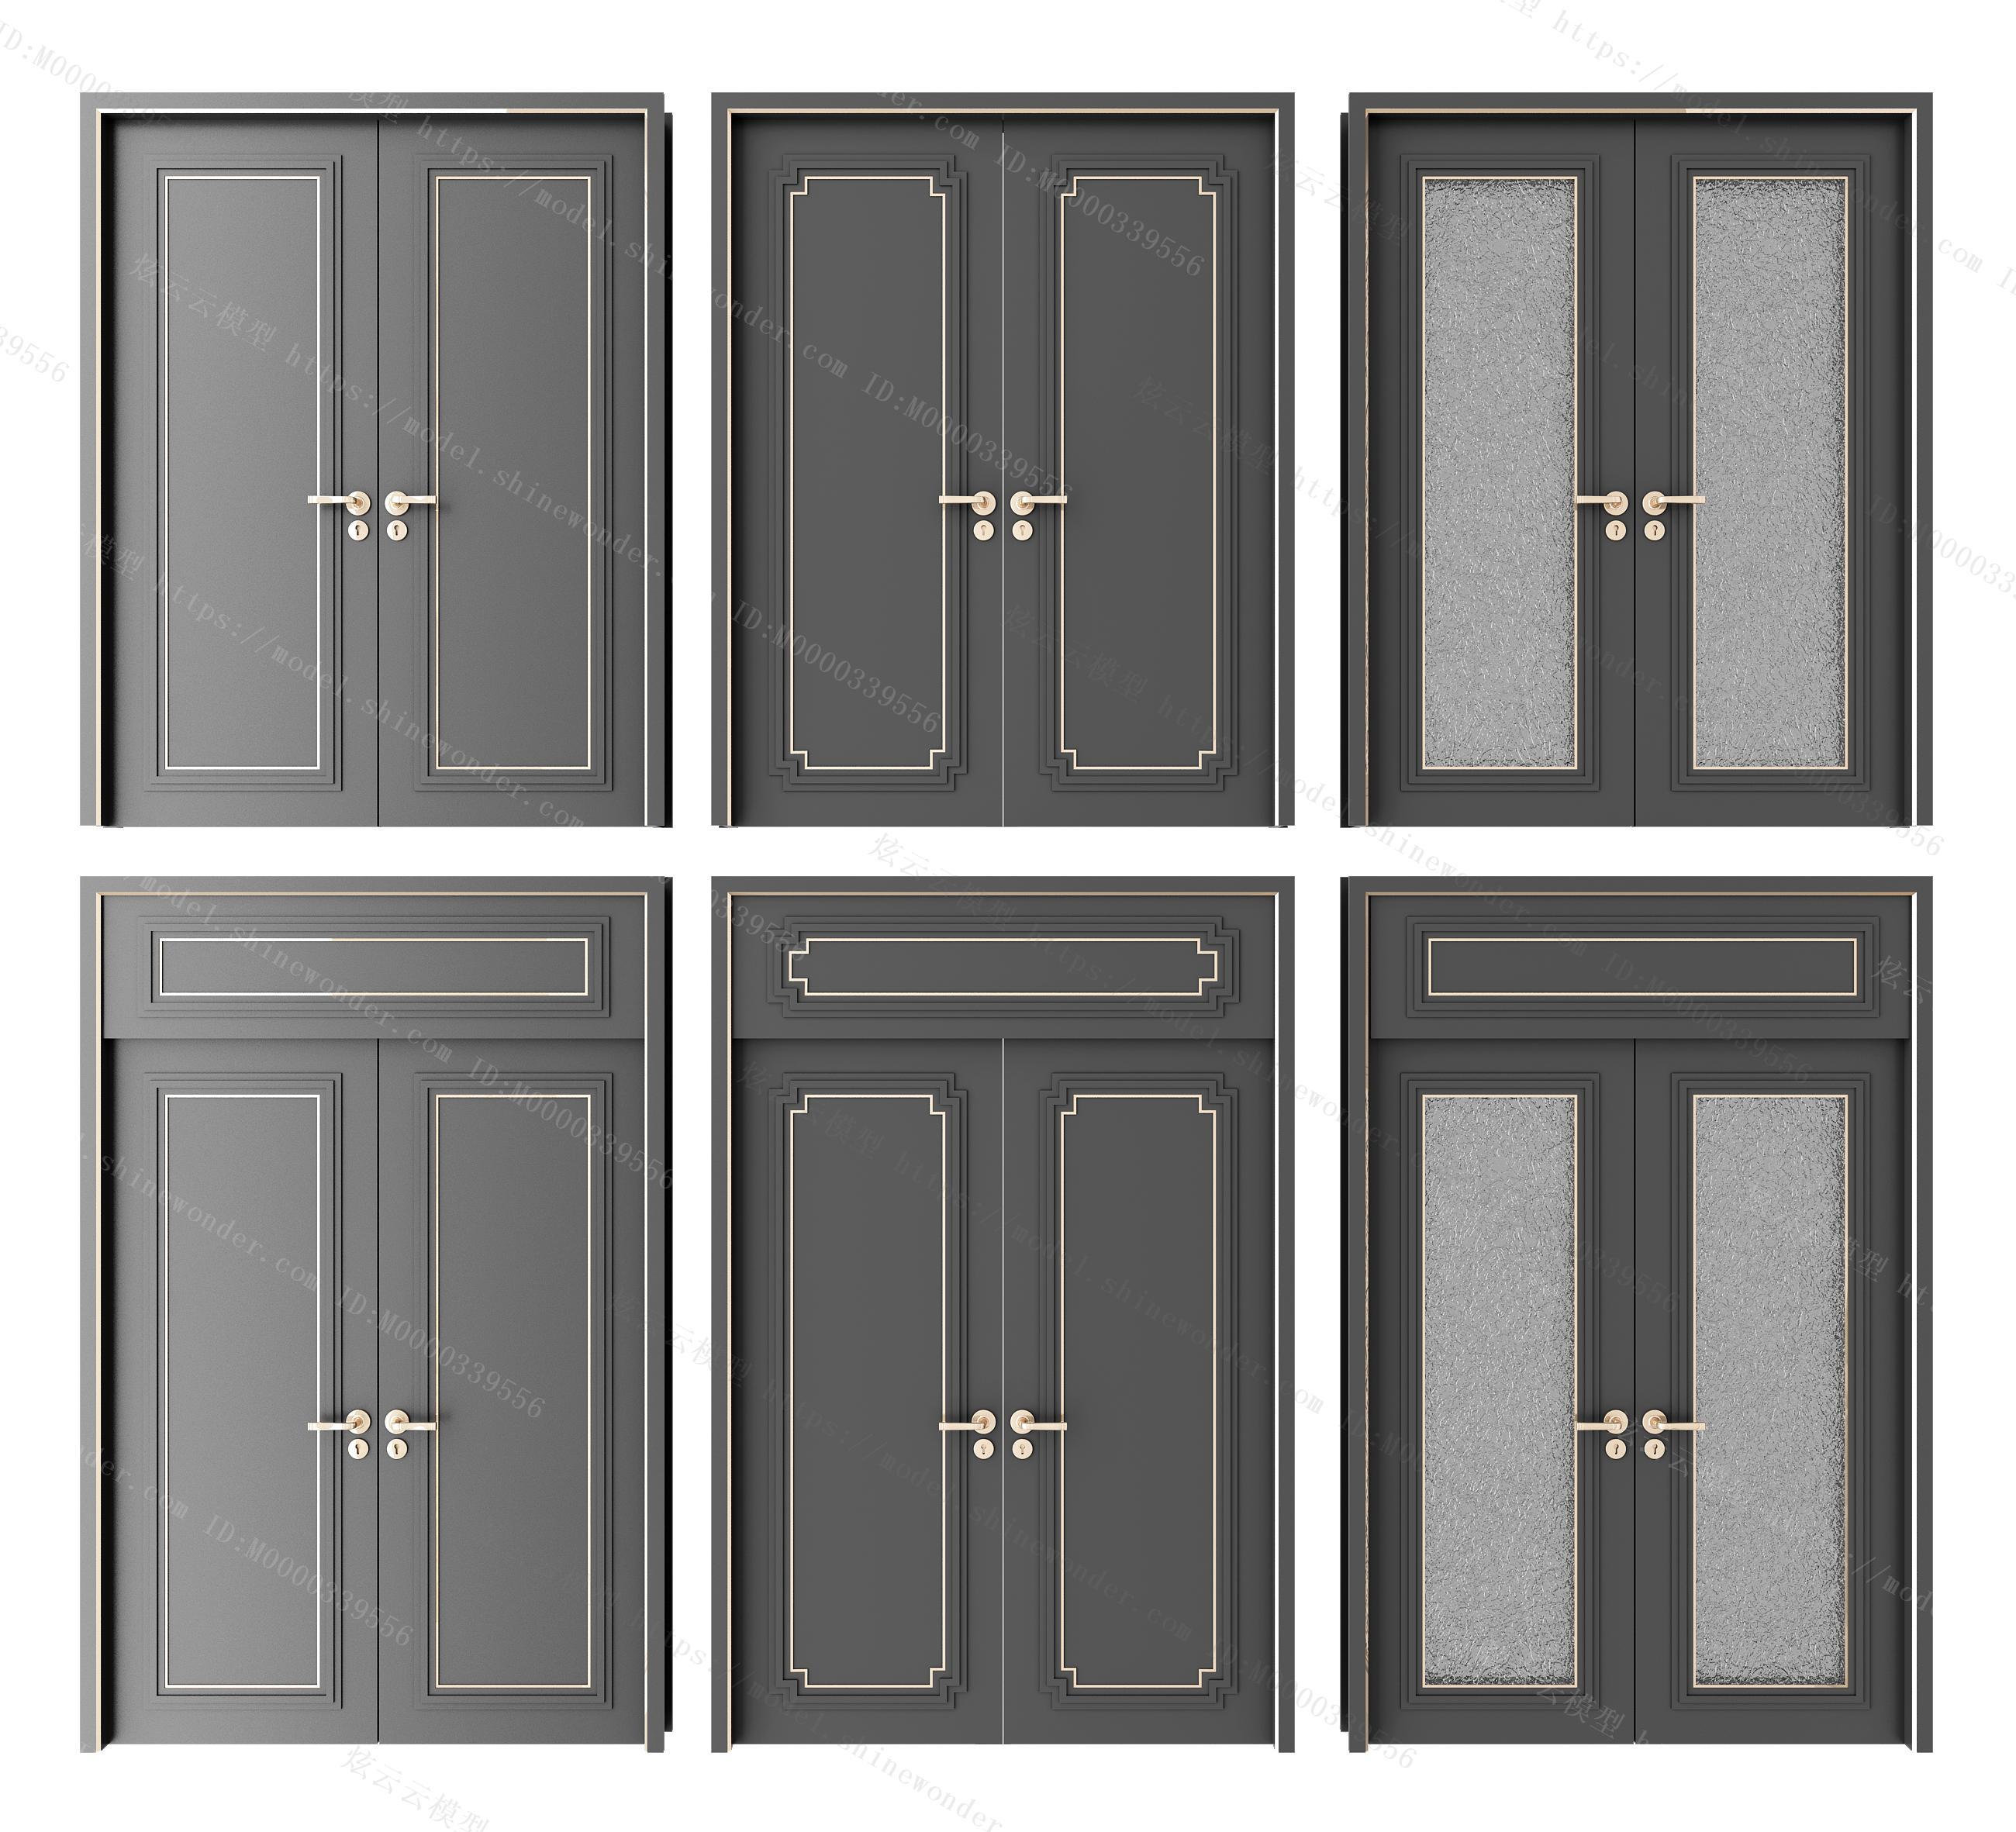 新中式双开门房门组合模型